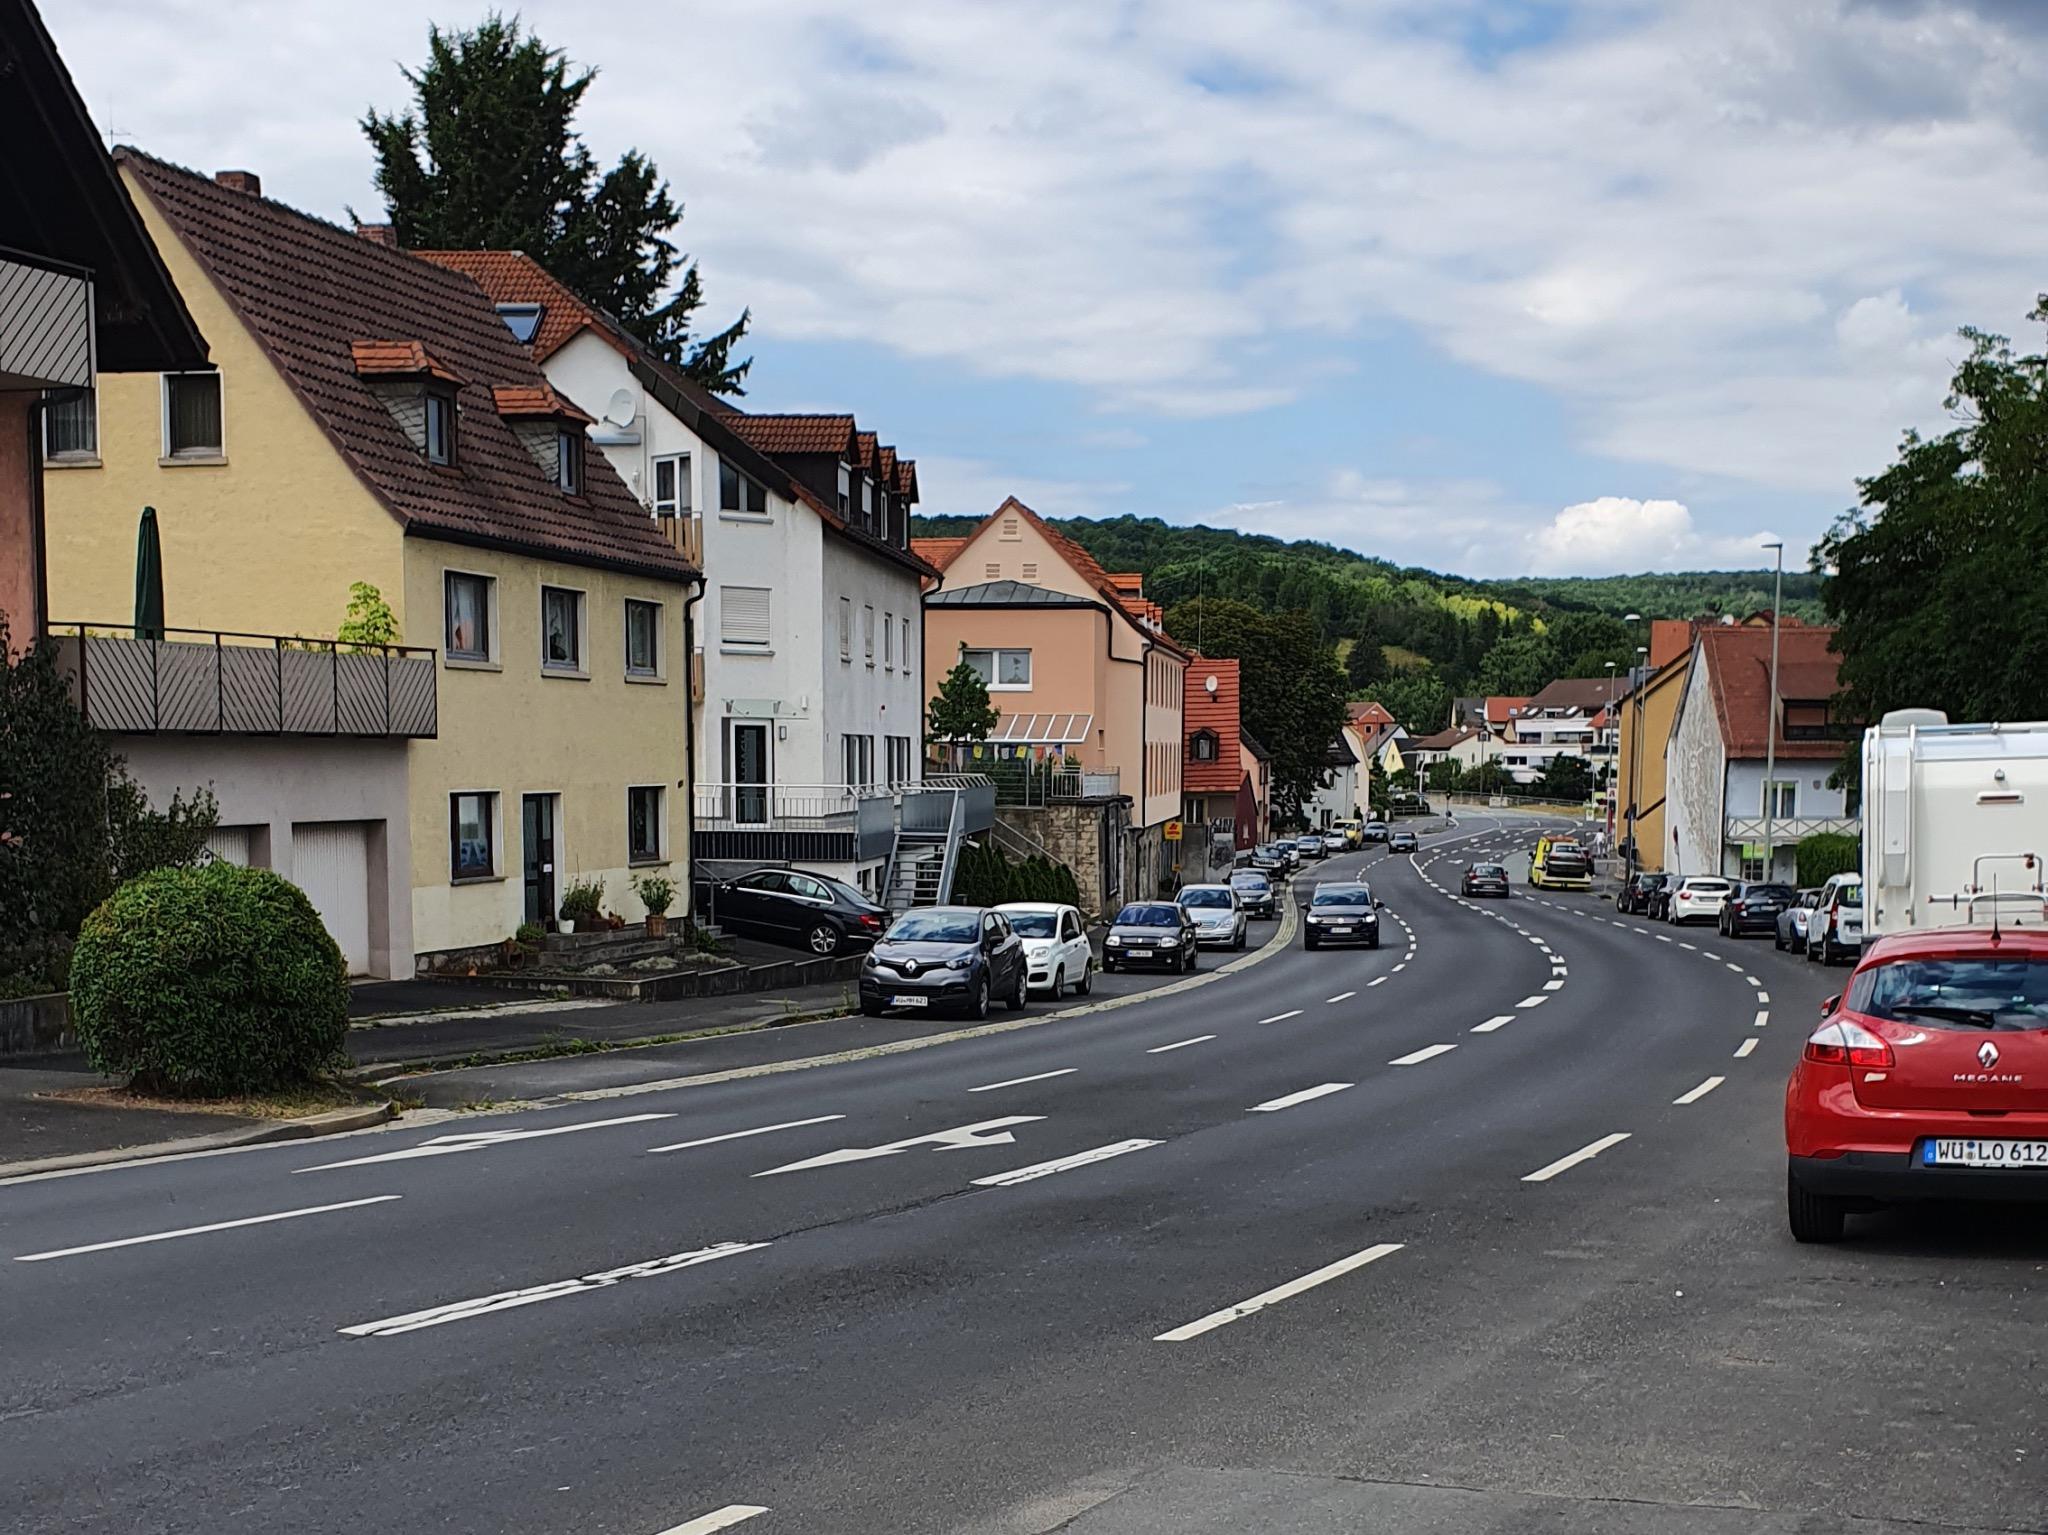 Die Versbacher Straße ist die Hauptverkehrsstraße des gleichnamigen Stadtteils. Foto: Jacob Grimm